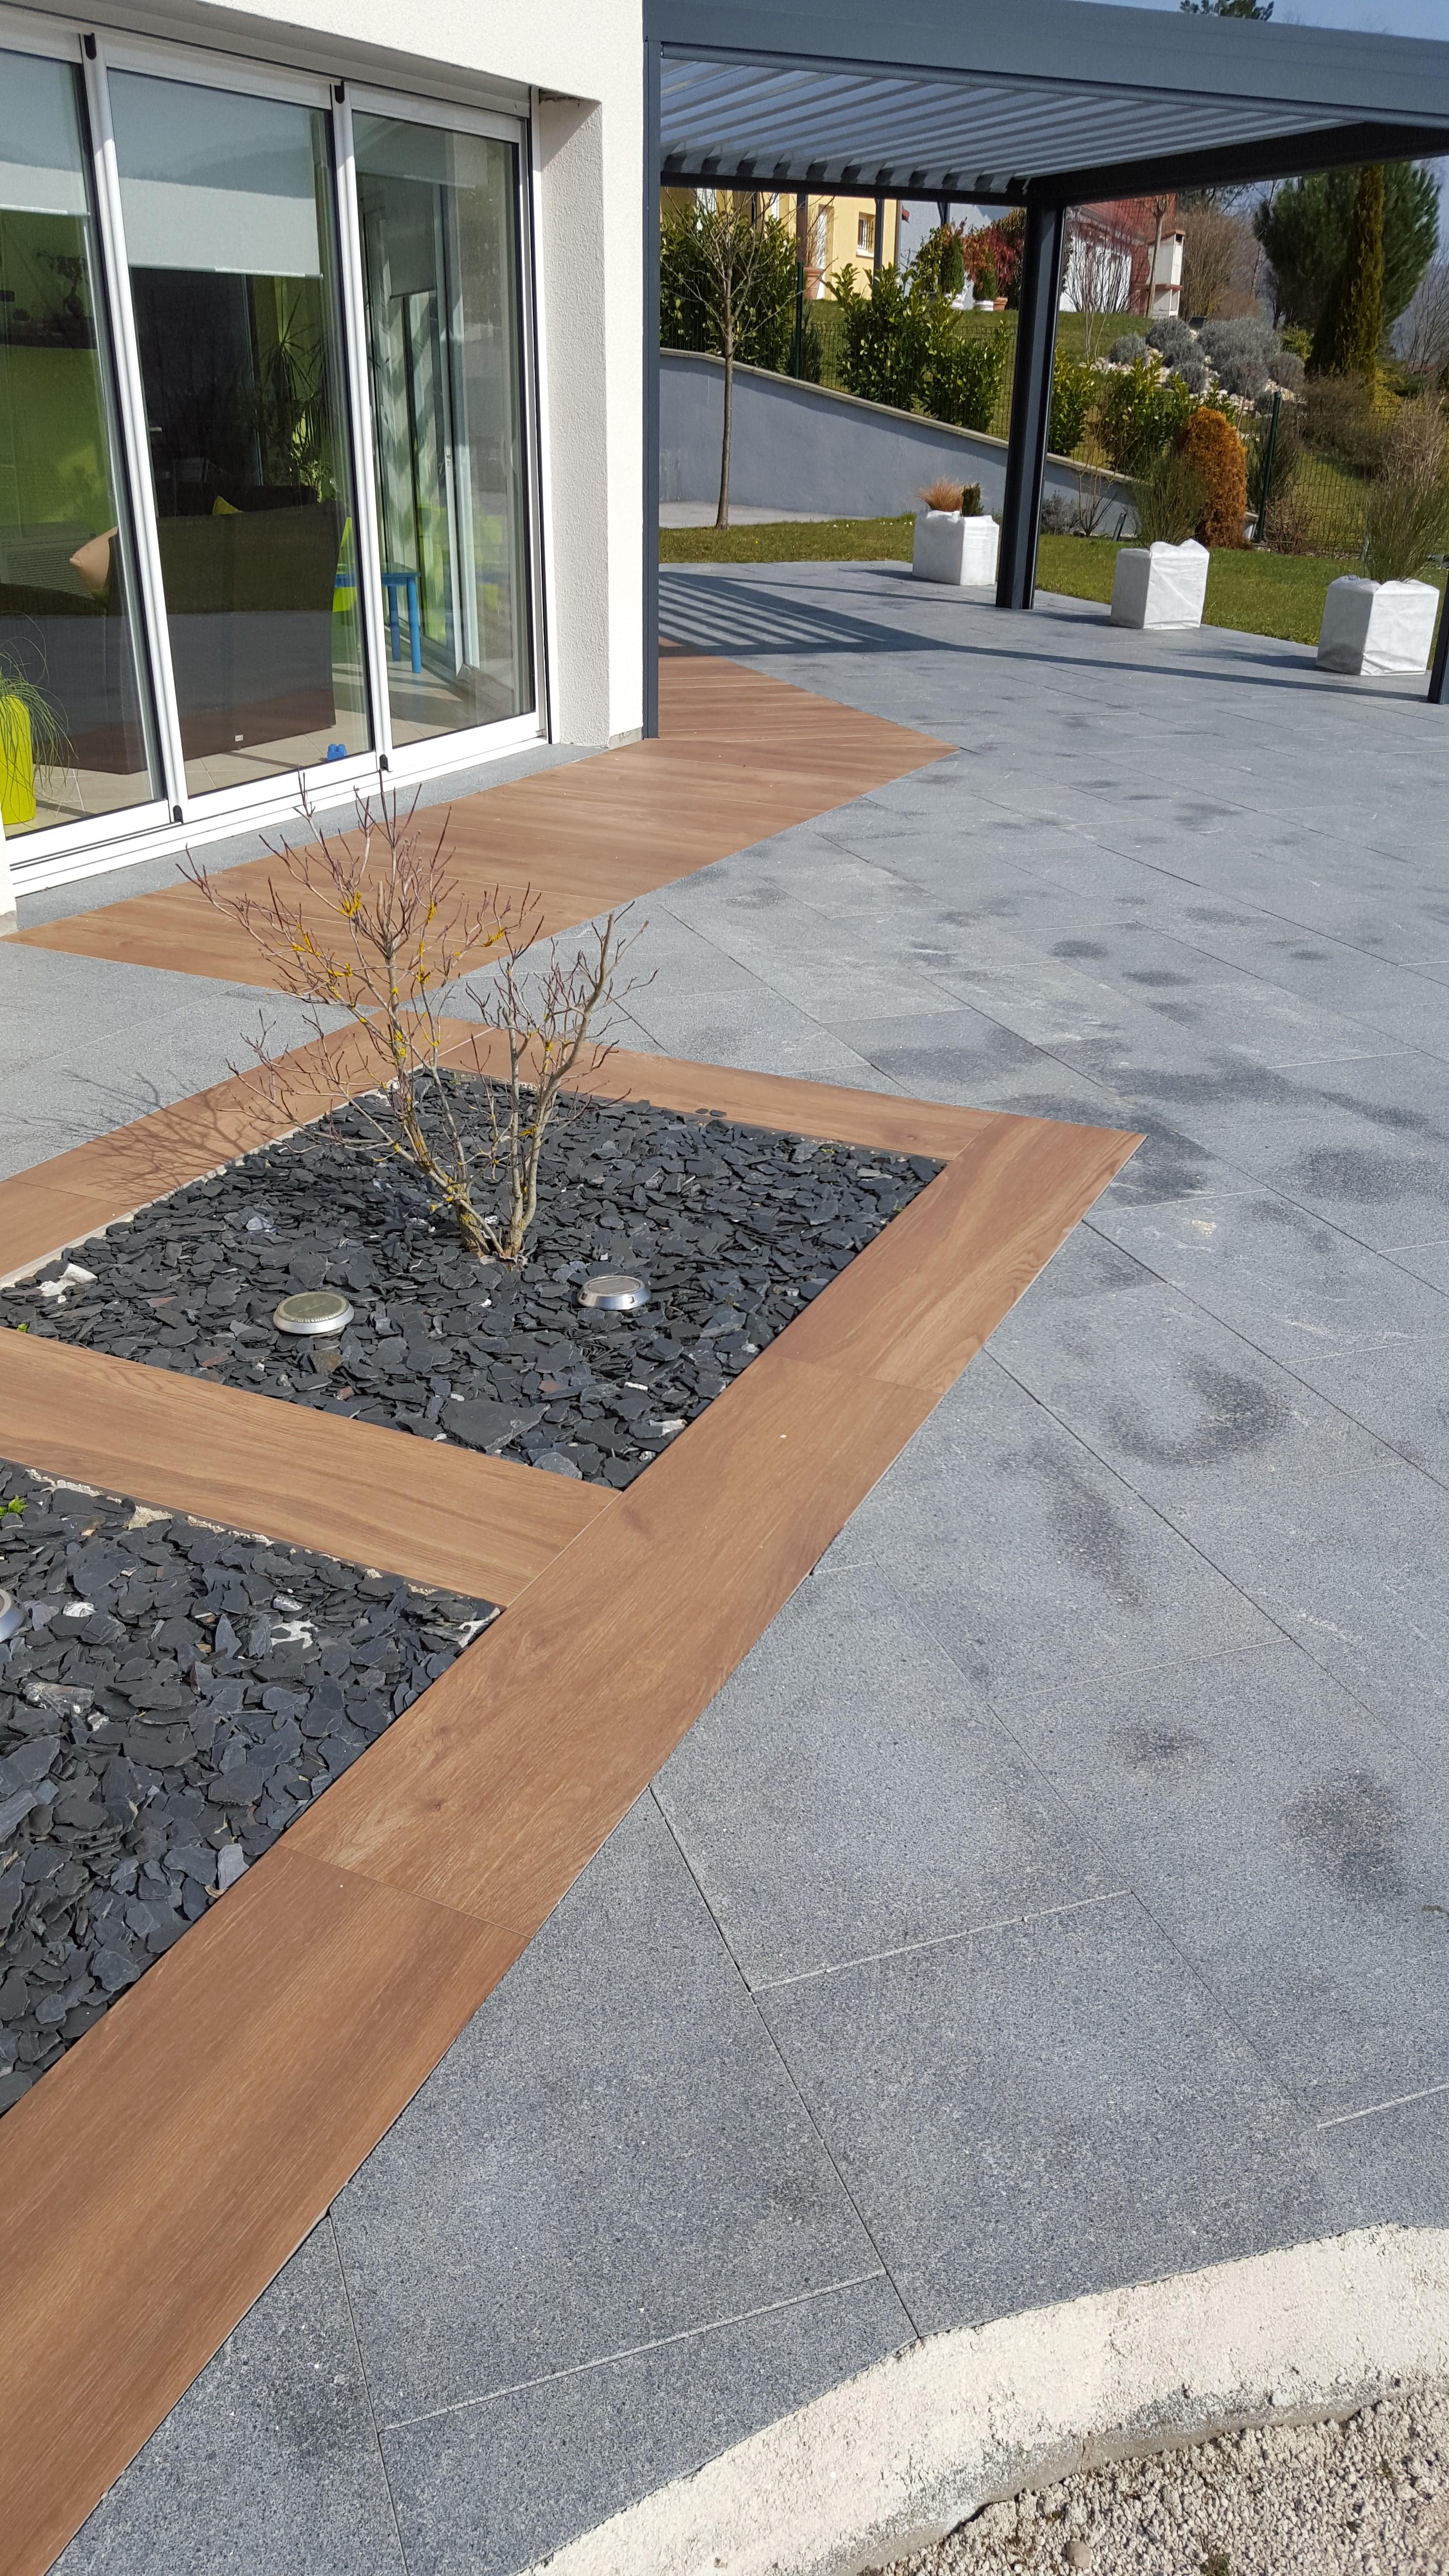 Aménagement d'une terrasse en dalles imitation bois et granites à Ornans par l'entreprise Cuinet